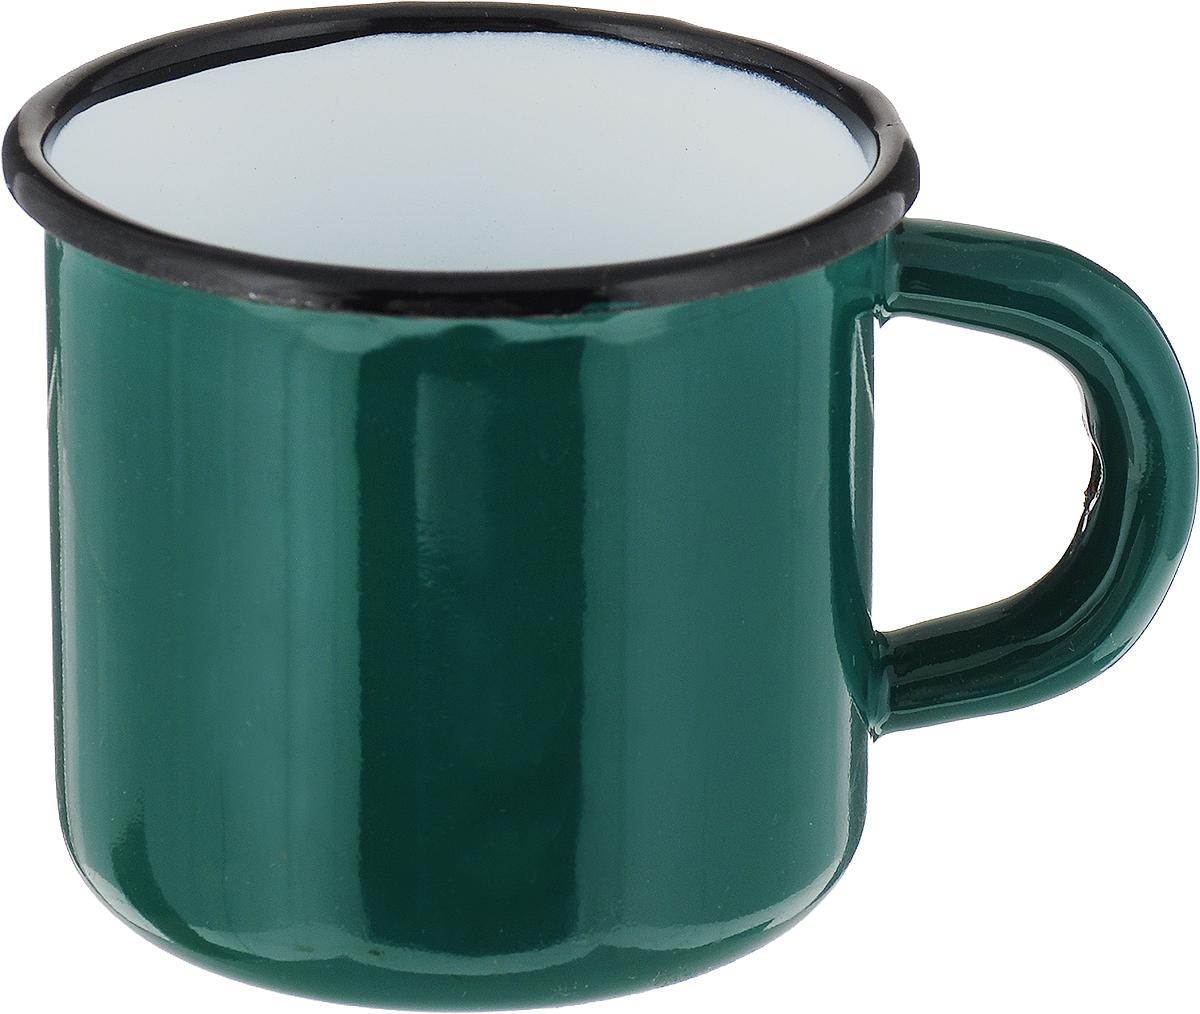 Кружка эмалированная СтальЭмаль, цвет: зеленый, 250 мл кружка эмалированная стальэмаль клубника 1 л